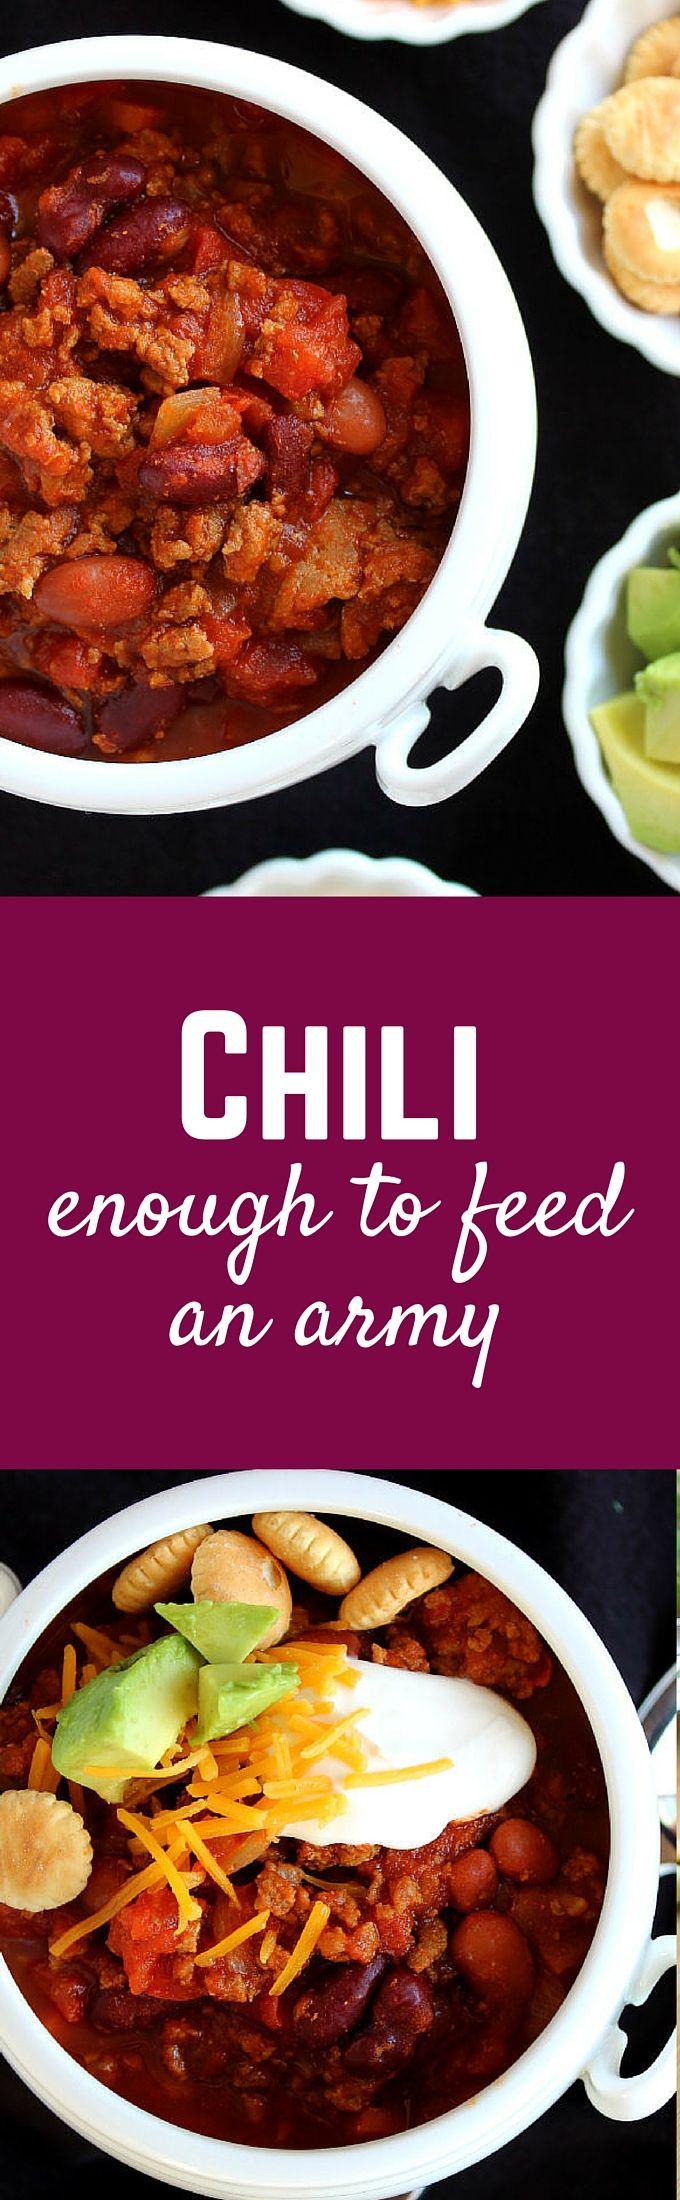 best Il faut que je goûte images on Pinterest Cooking food